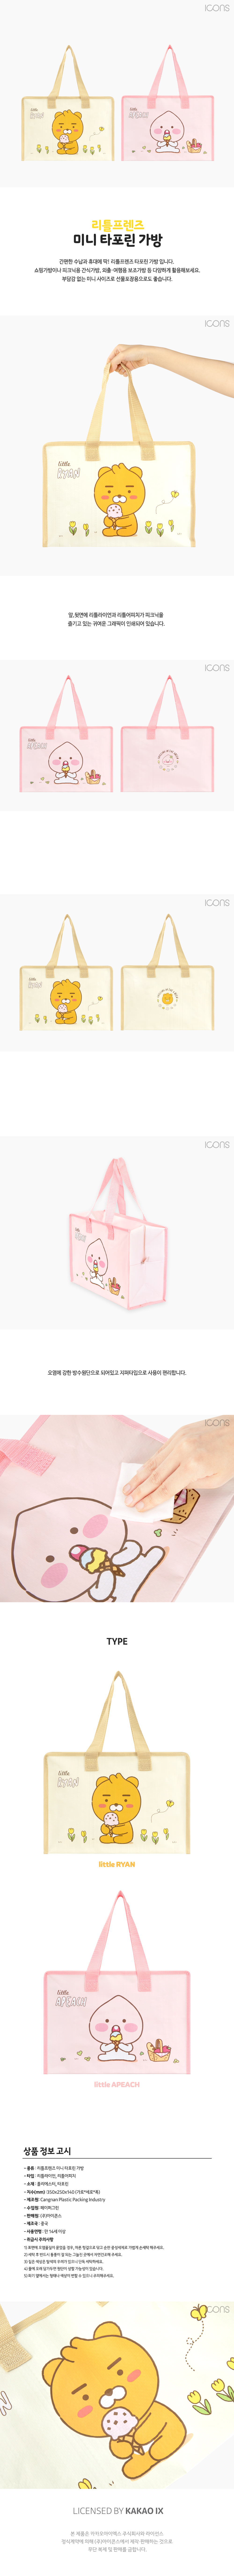 [Kakao Friends] Mini Tarpaulin Bag-holiholic.com